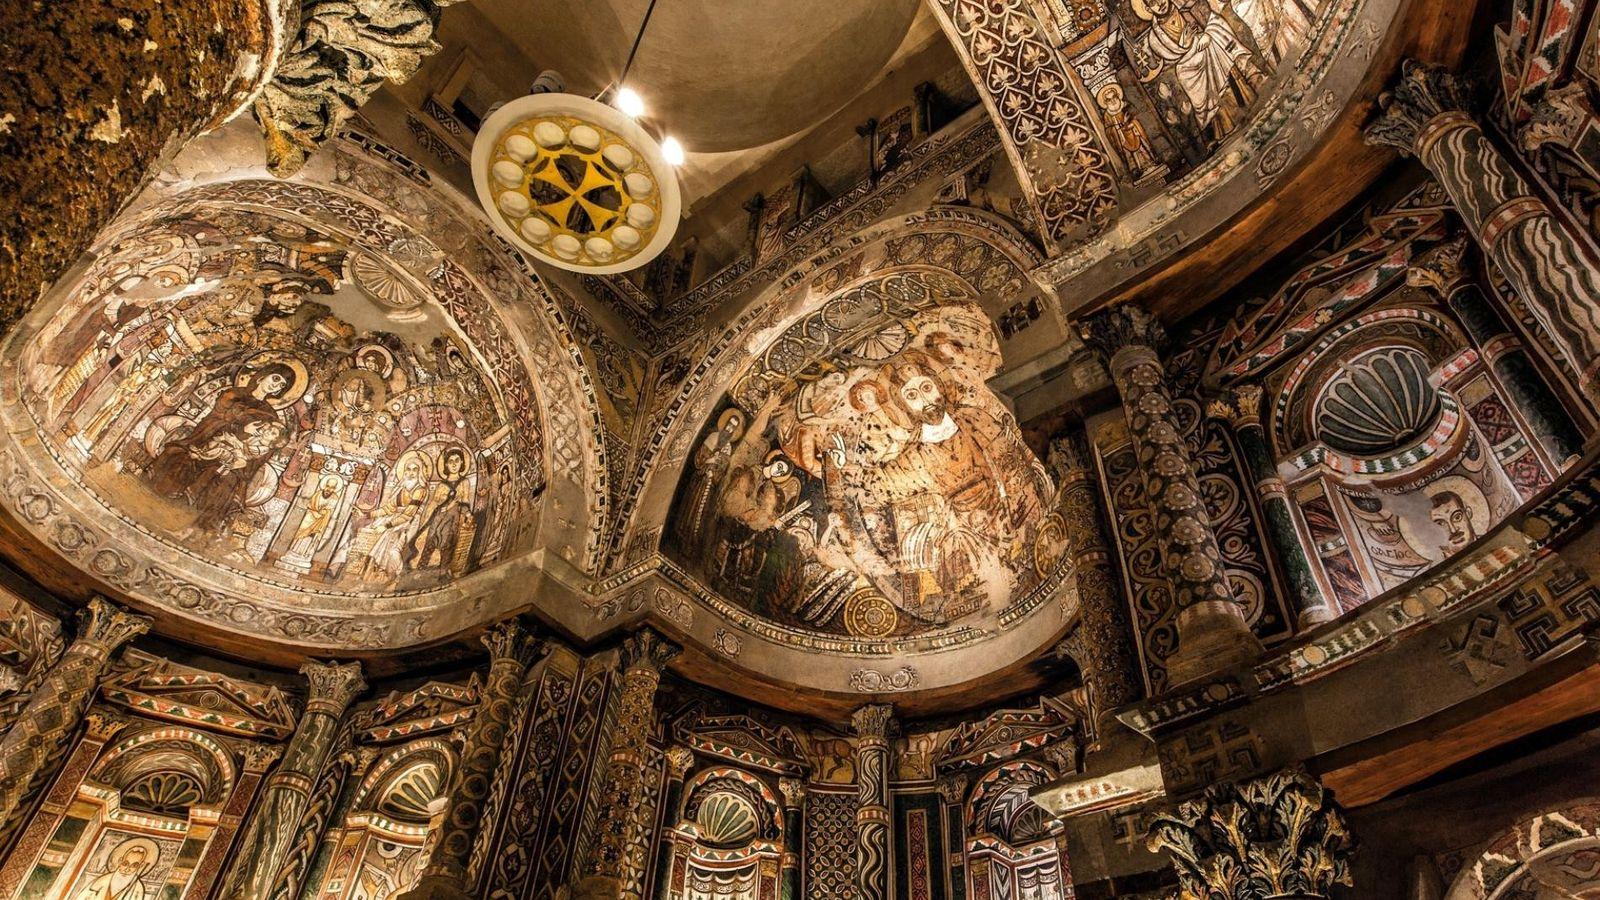 Les fresques représentant Jésus, la Vierge Marie, des apôtres, des évangélistes, des prophètes et des anges ...